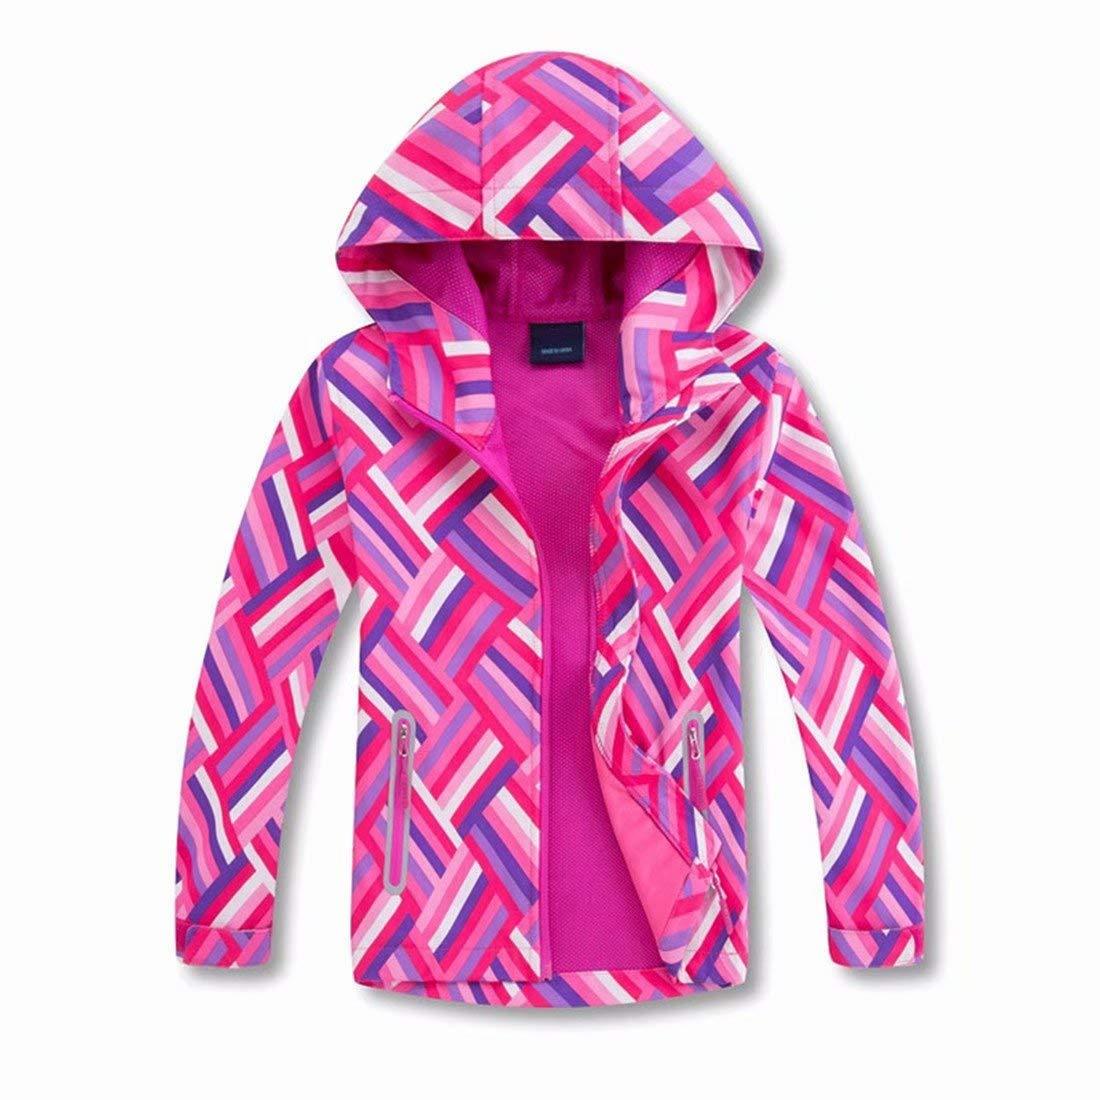 OLEK Girls Waterproof Rain Jackets Coats Outdoor Light Windproof Windbreaker Jacket with Hood by OLEK